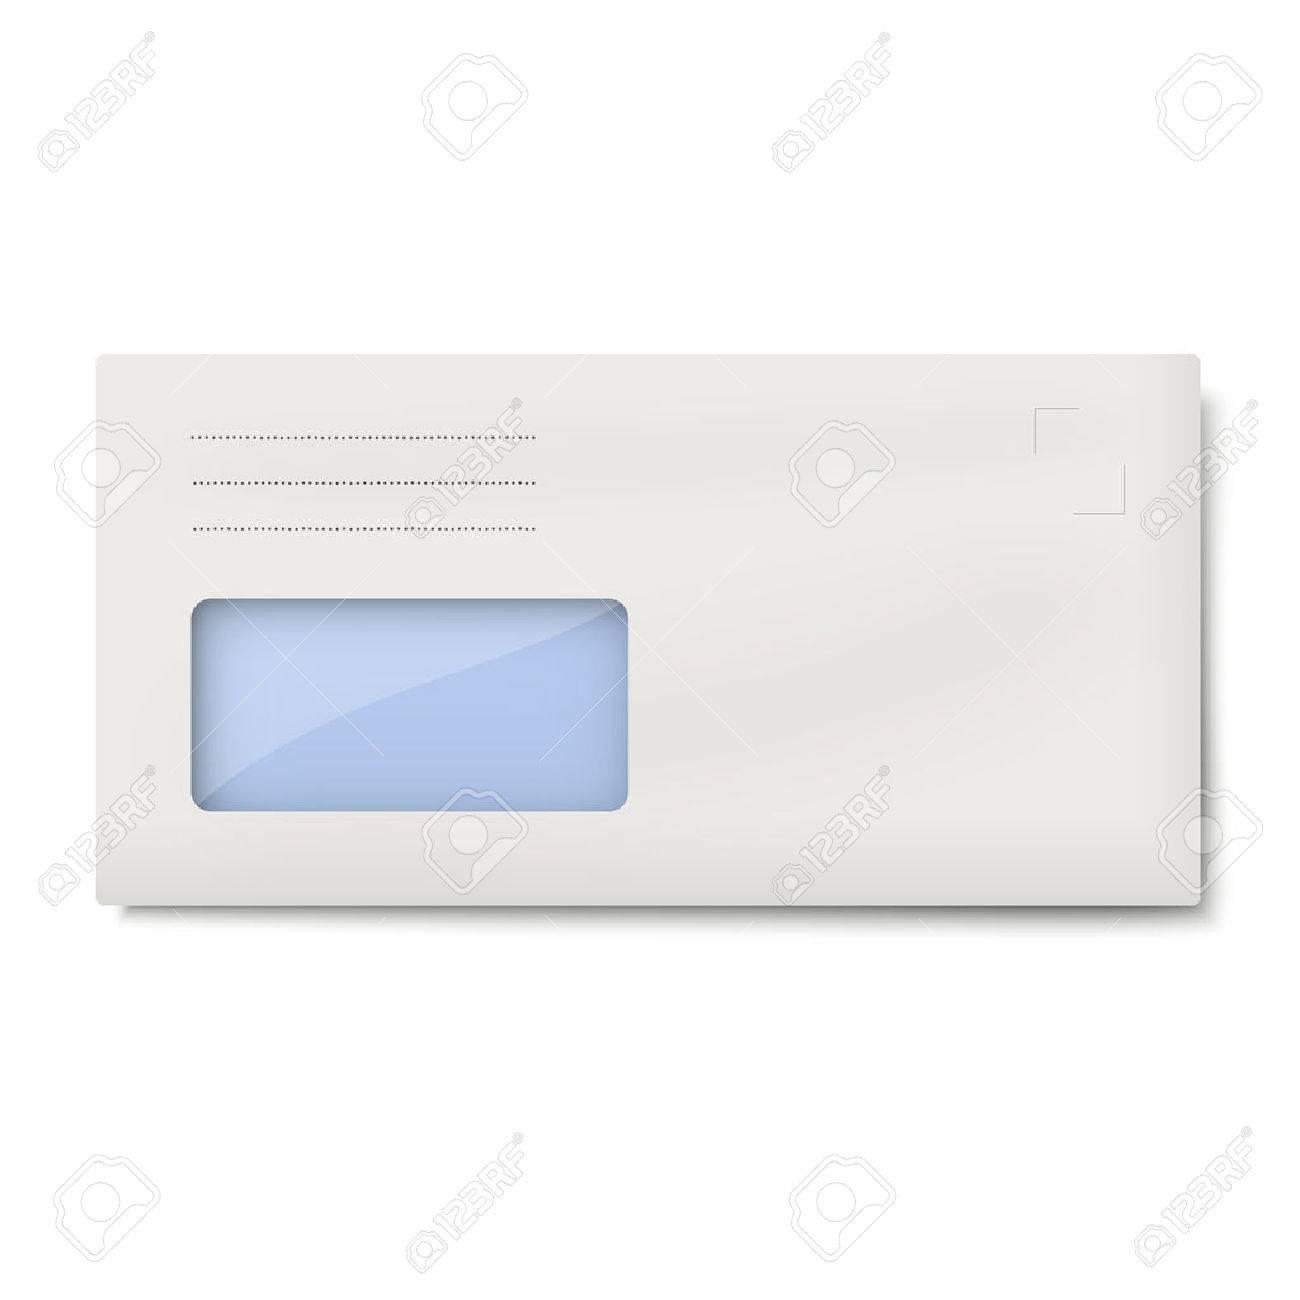 Dl Enveloppe Avec Fenêtre Pour Ladresse Isolée Sur Fond Blanc Clip